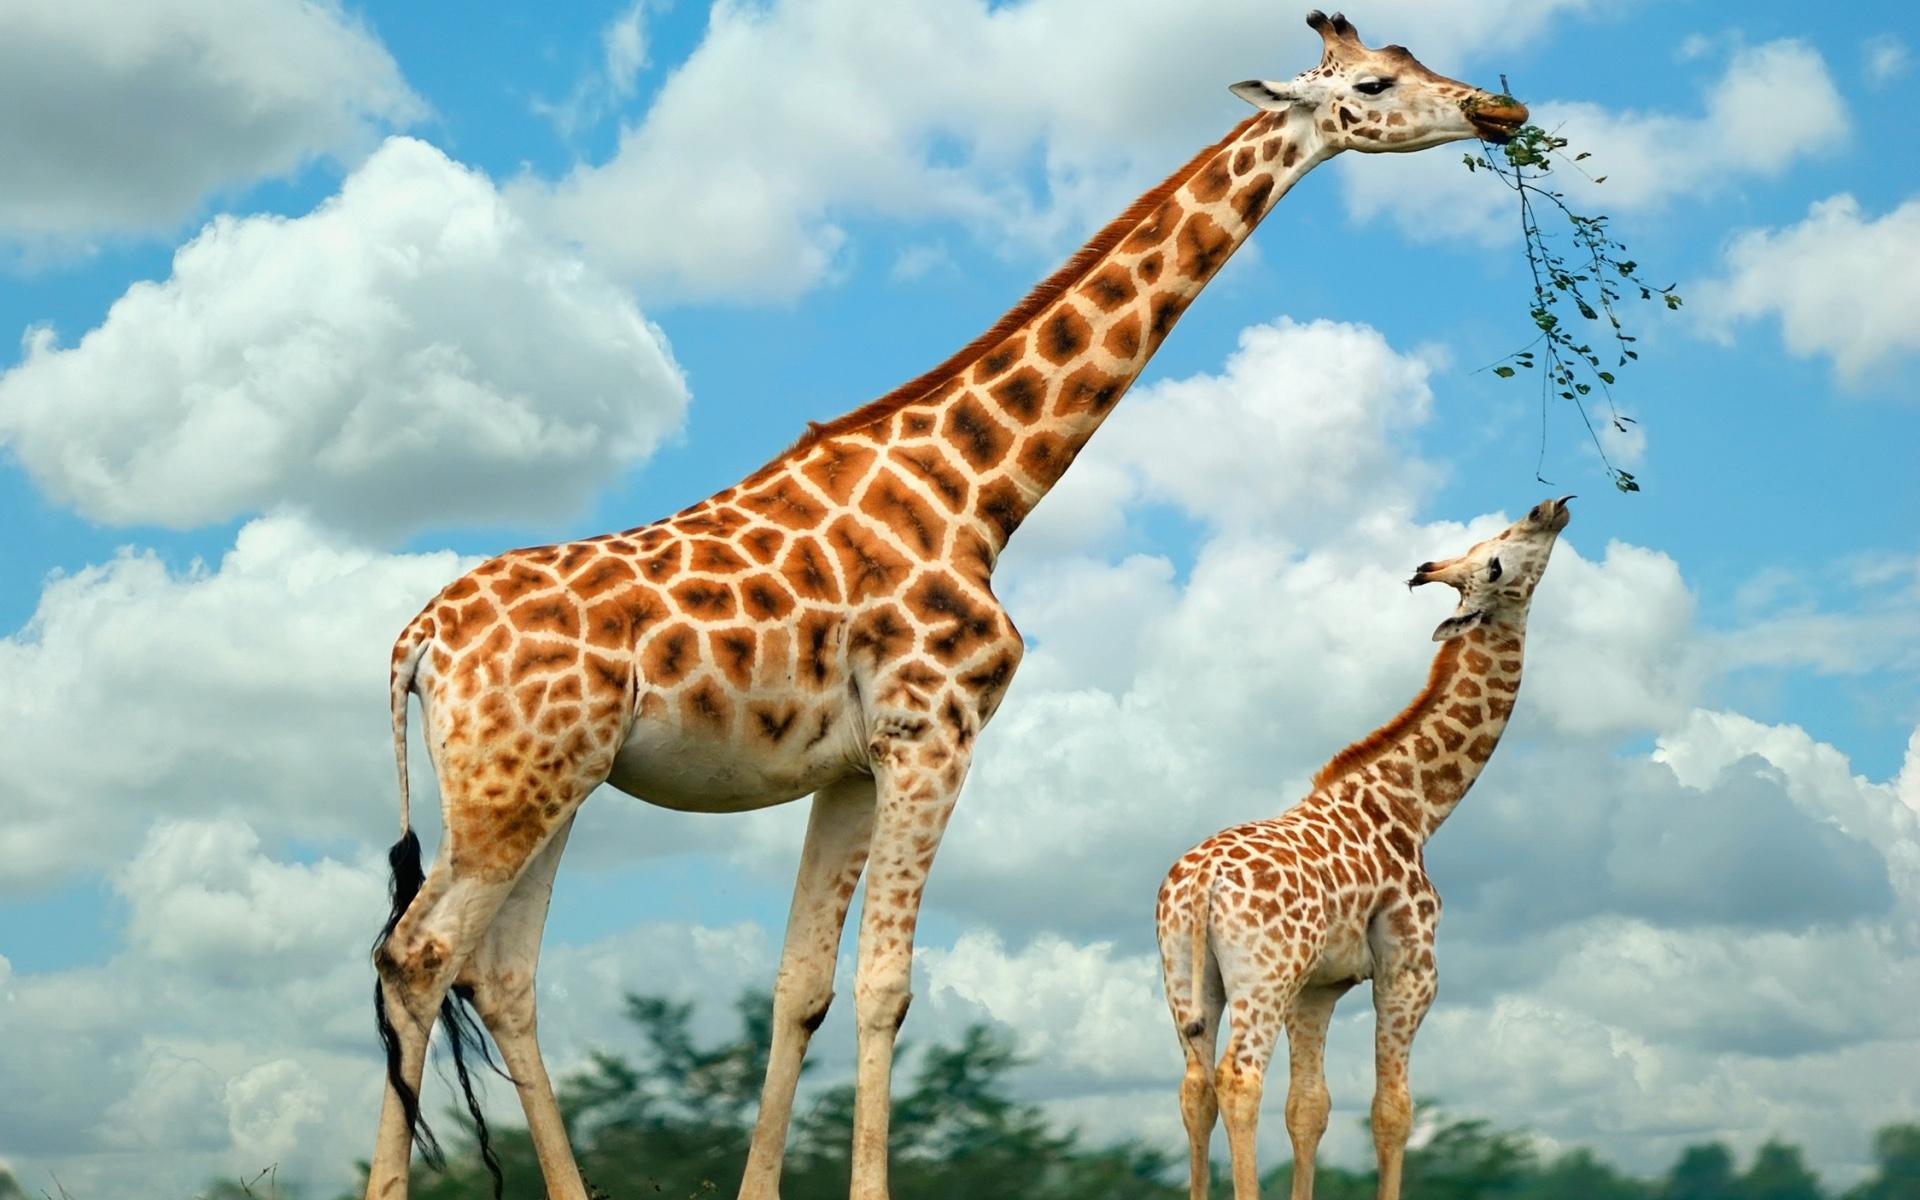 Giraffes images Giraffes HD wallpaper and background photos 40609528 1920x1200